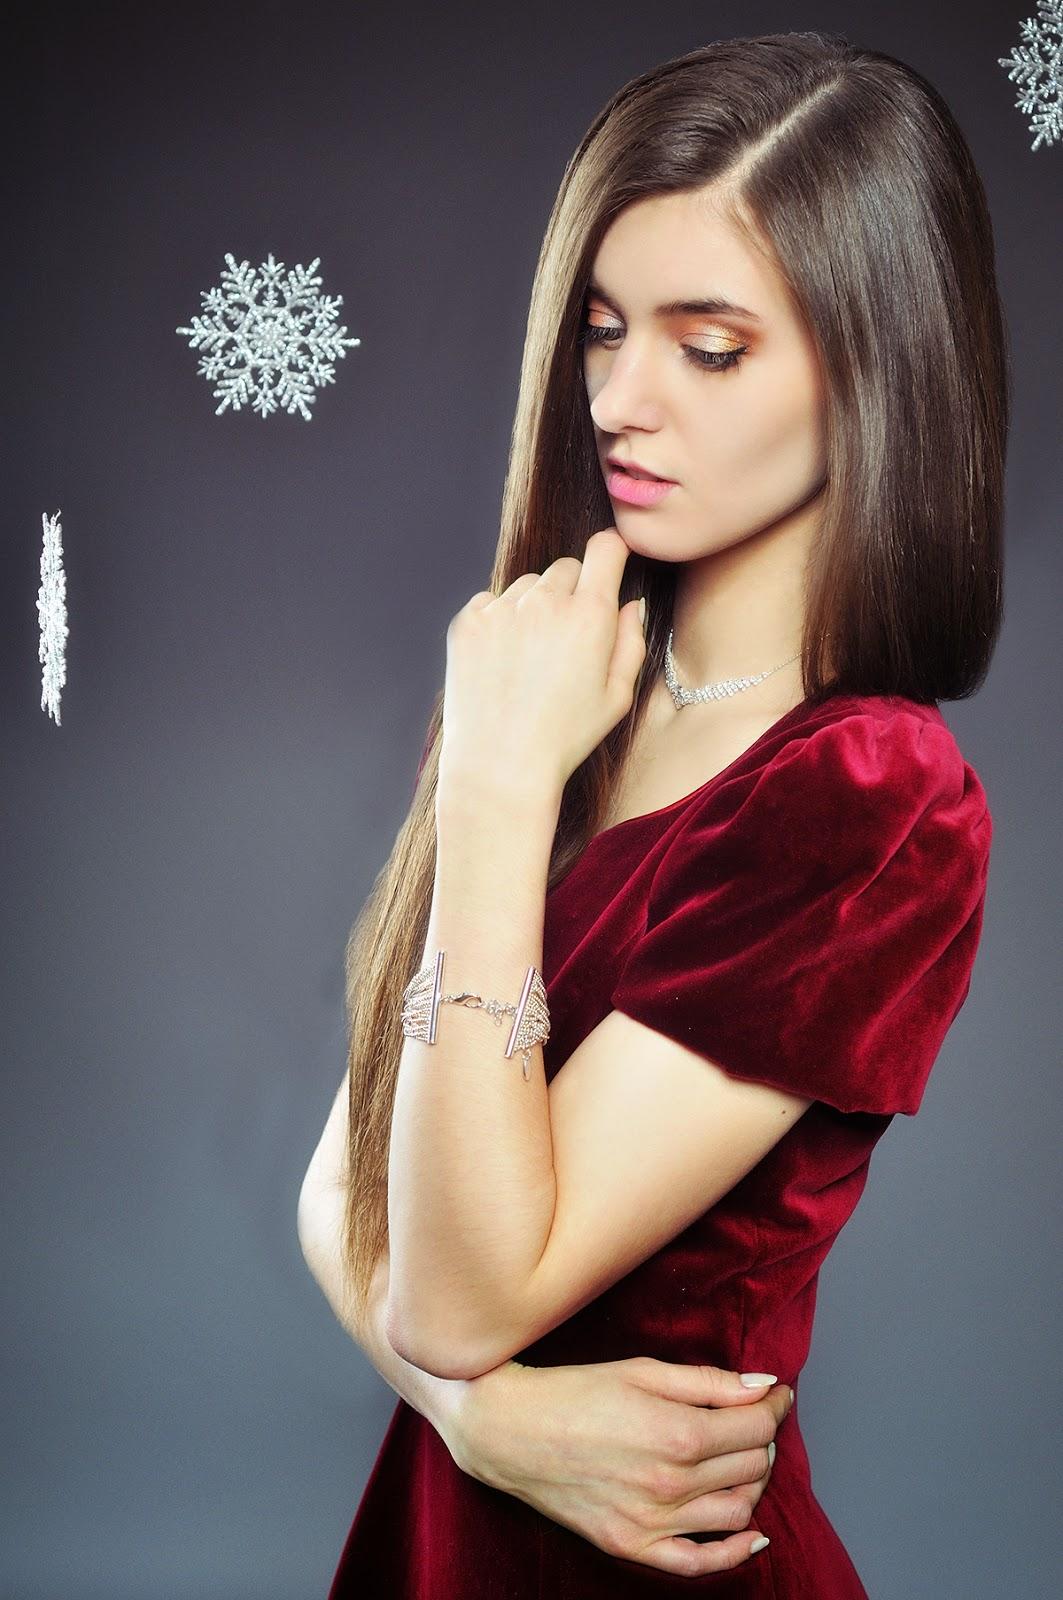 [161.] Zimowa sesja: świąteczny błysk oraz karnawałowa charakteryzacja.